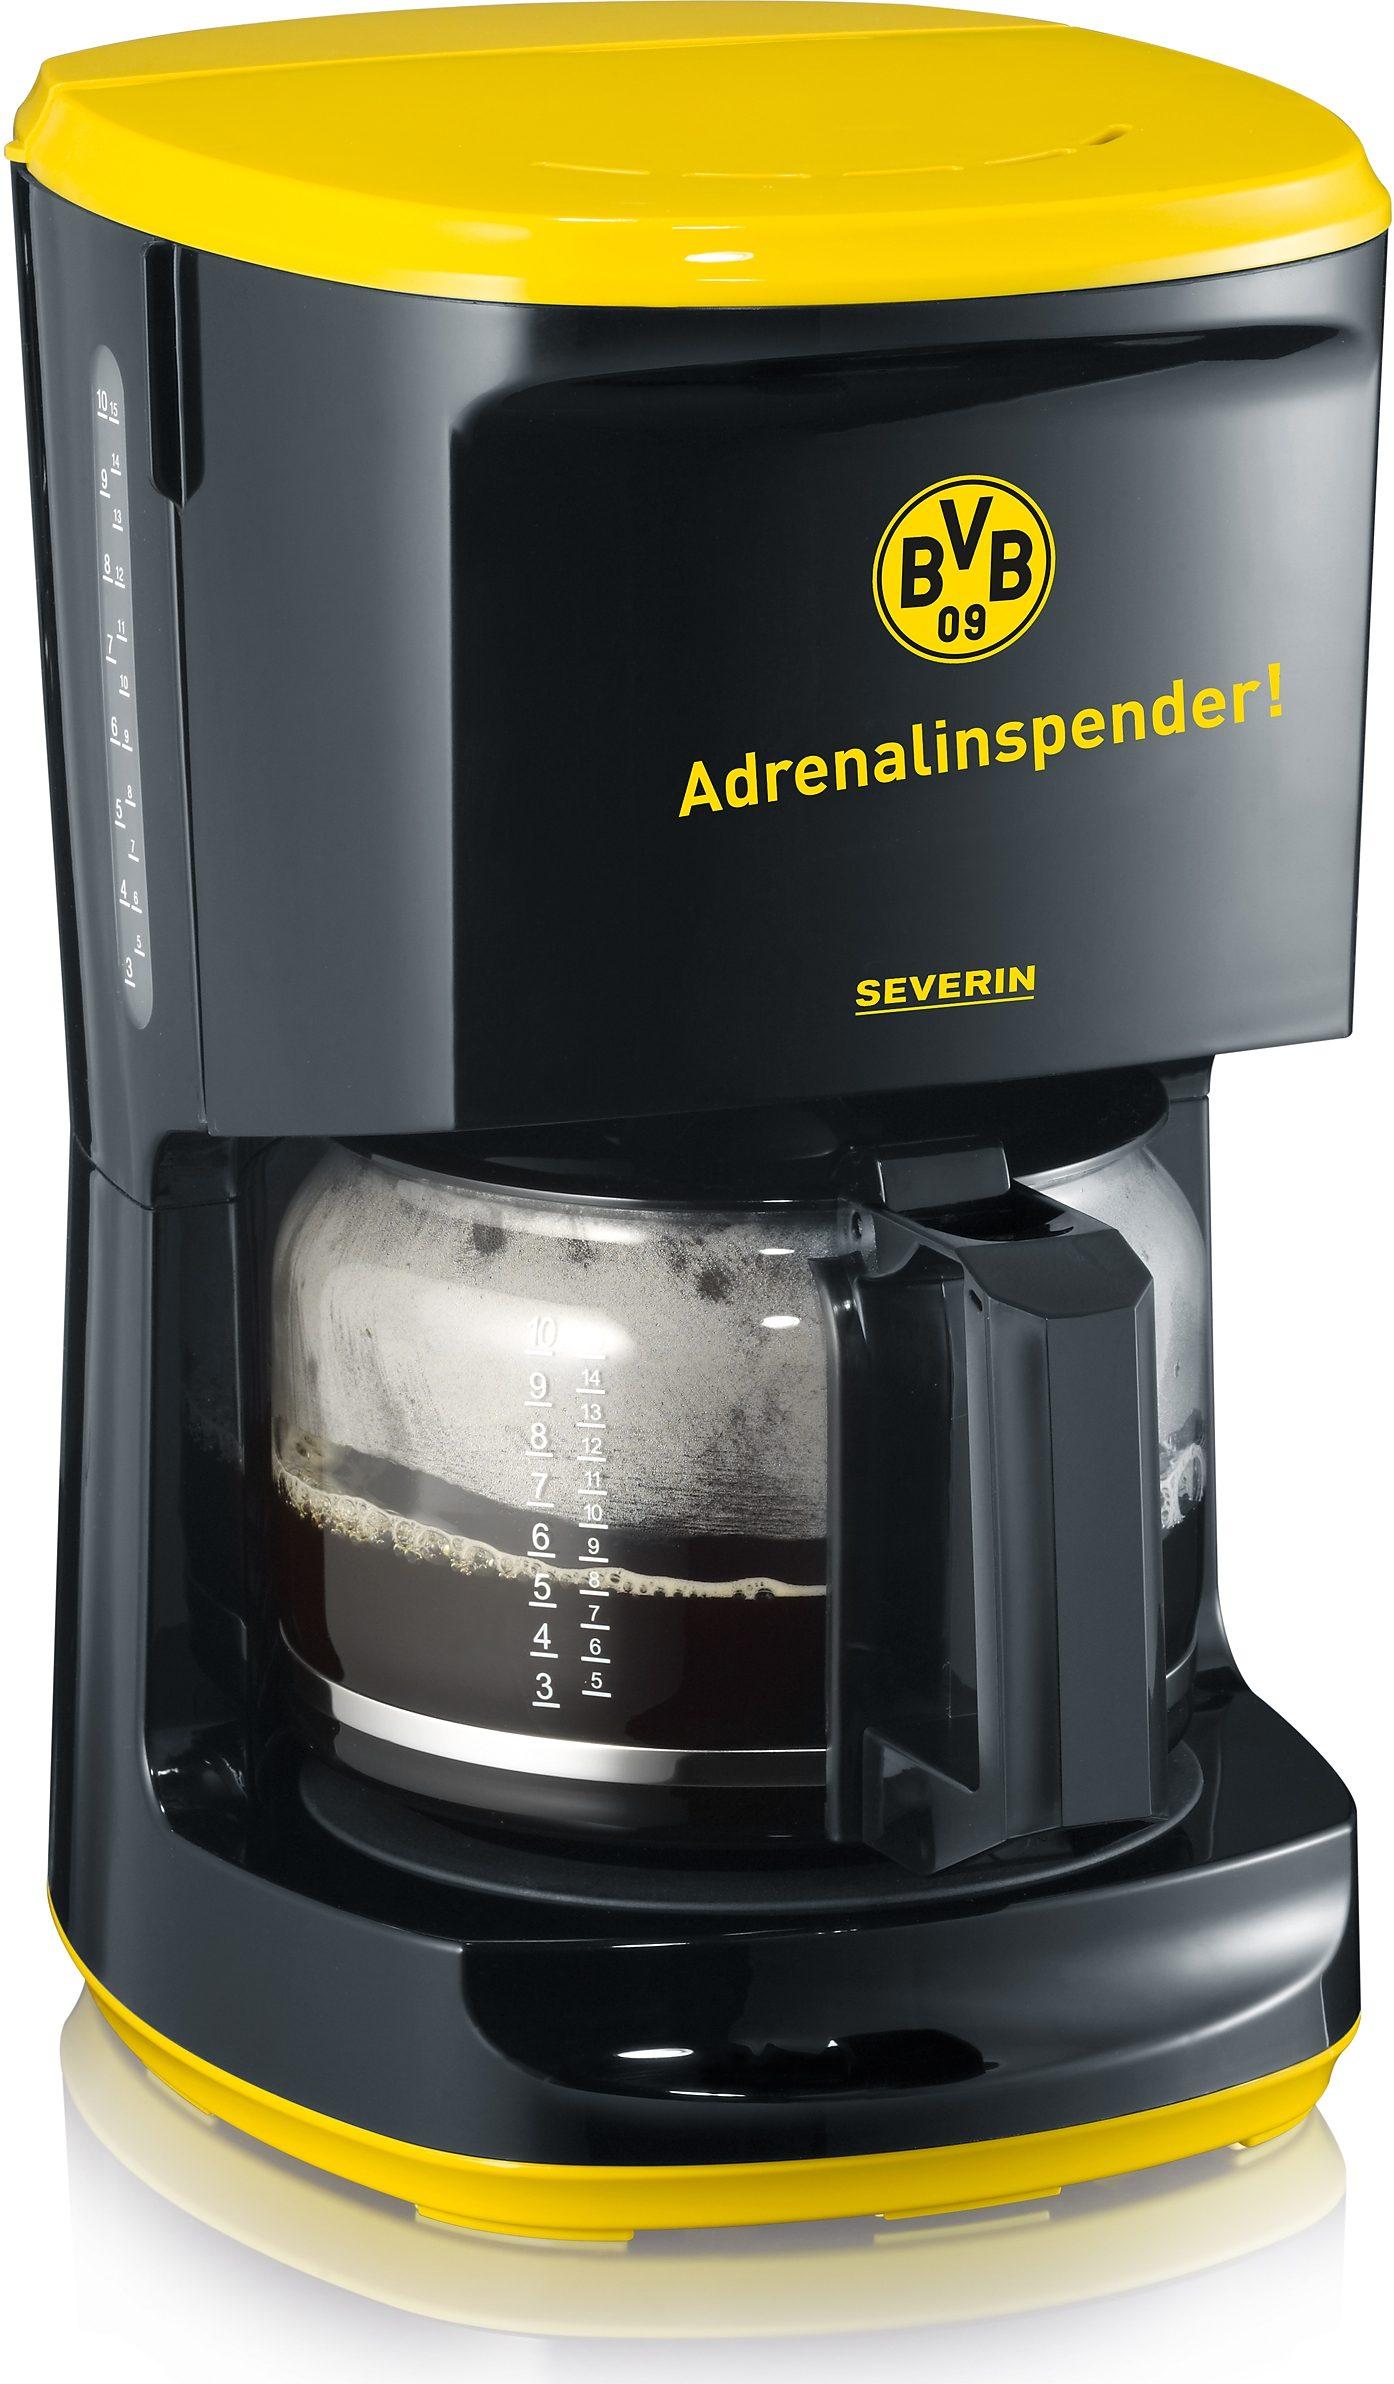 Severin Filterkaffeemaschine KA 9743, 1,4l Kaffeekanne, Papierfilter 1x4, echter Borussia Dortmund Fanartikel